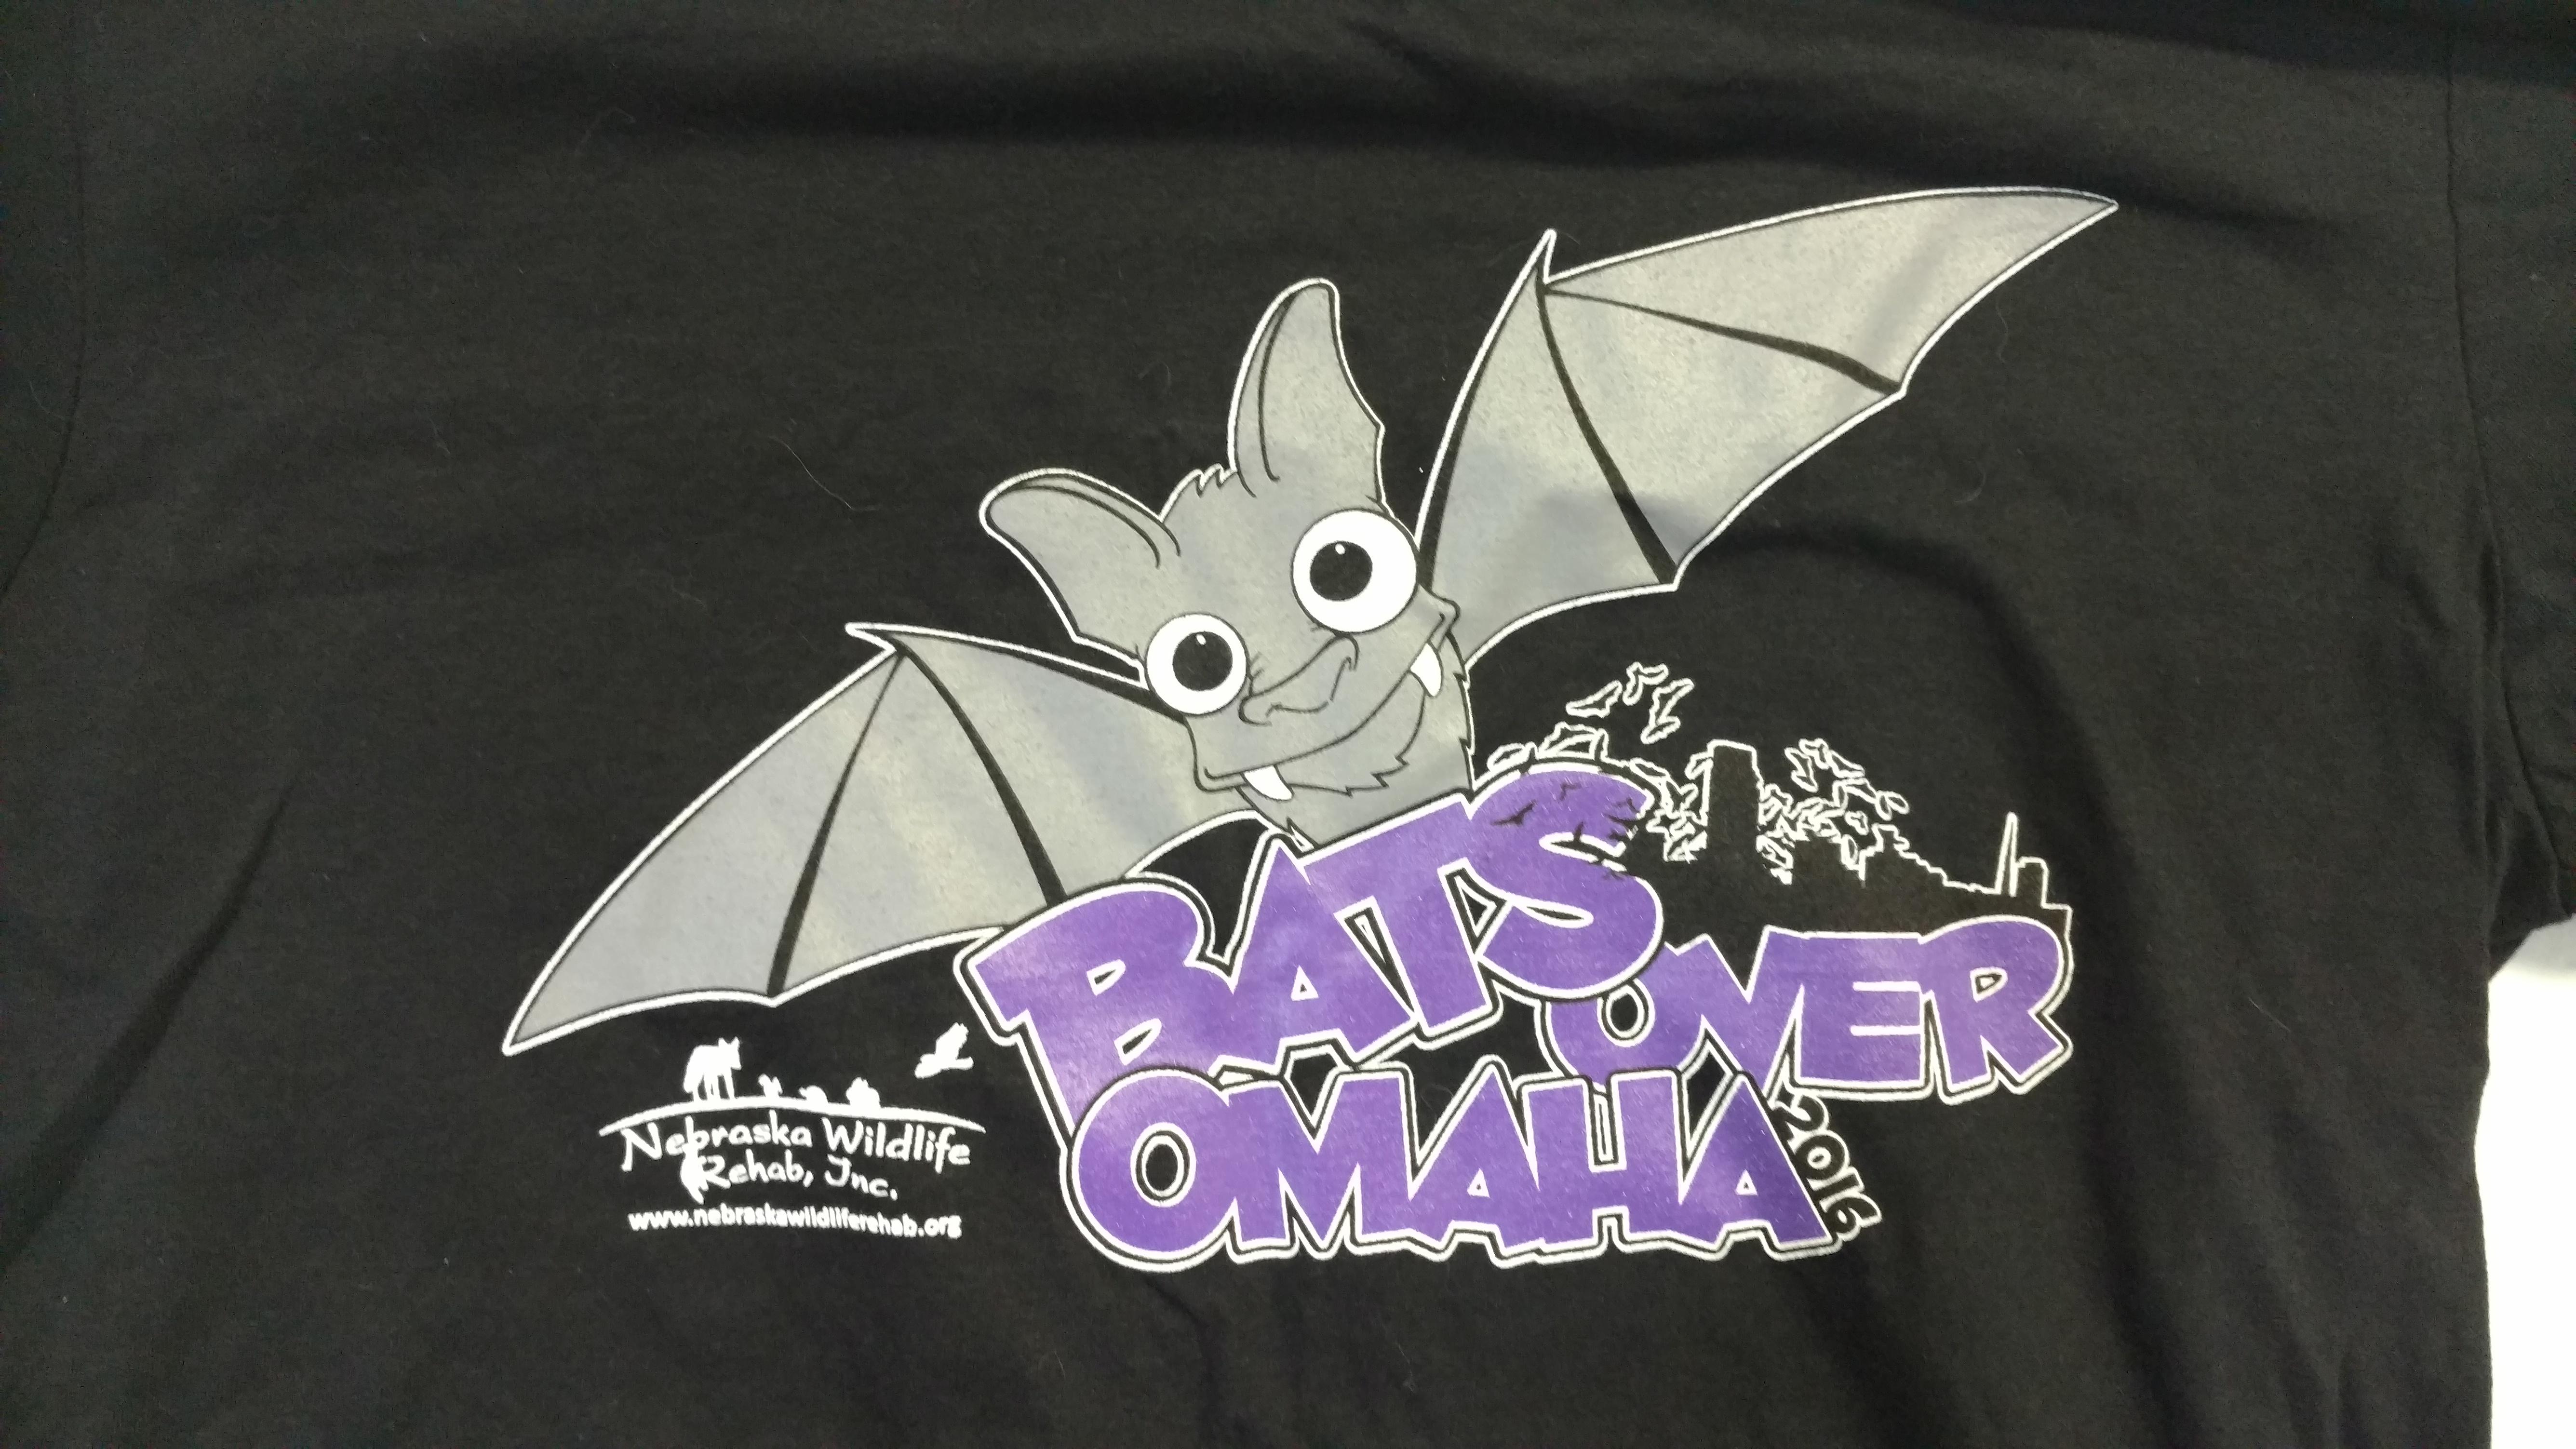 Bats Over Omaha Bat Release T-Shirt - 2016: Adult Small, Black